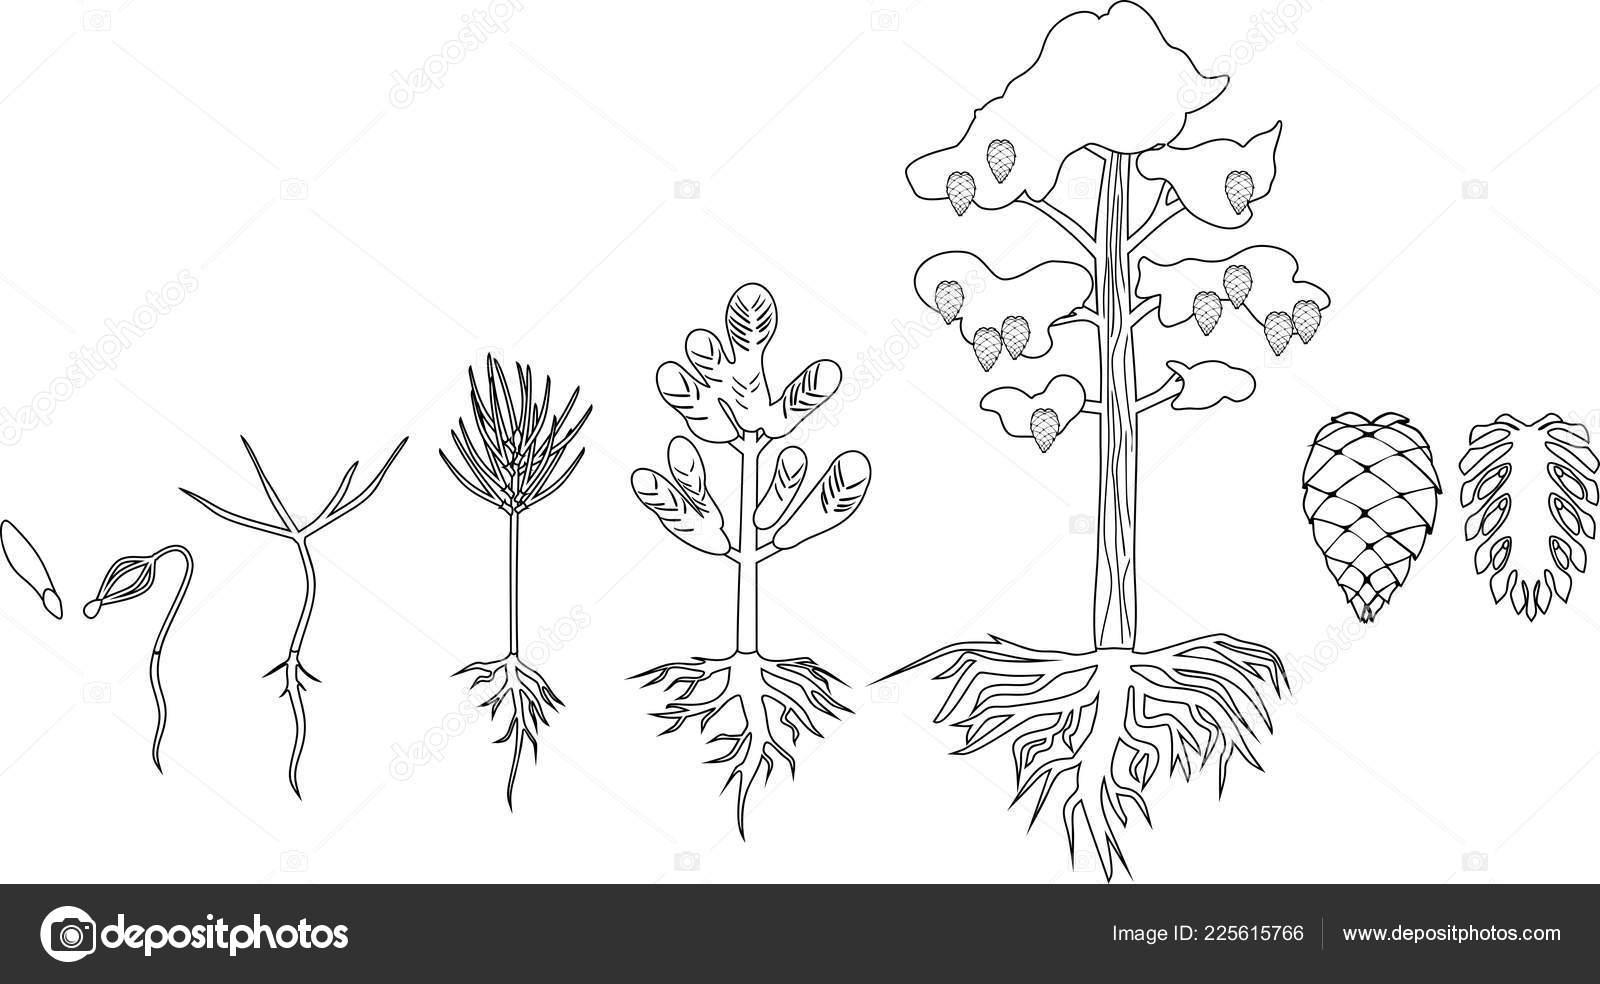 çam Ağacı Yaşam Döngüsü Ile Boyama Sayfası Olgun çam Ağacına Stok